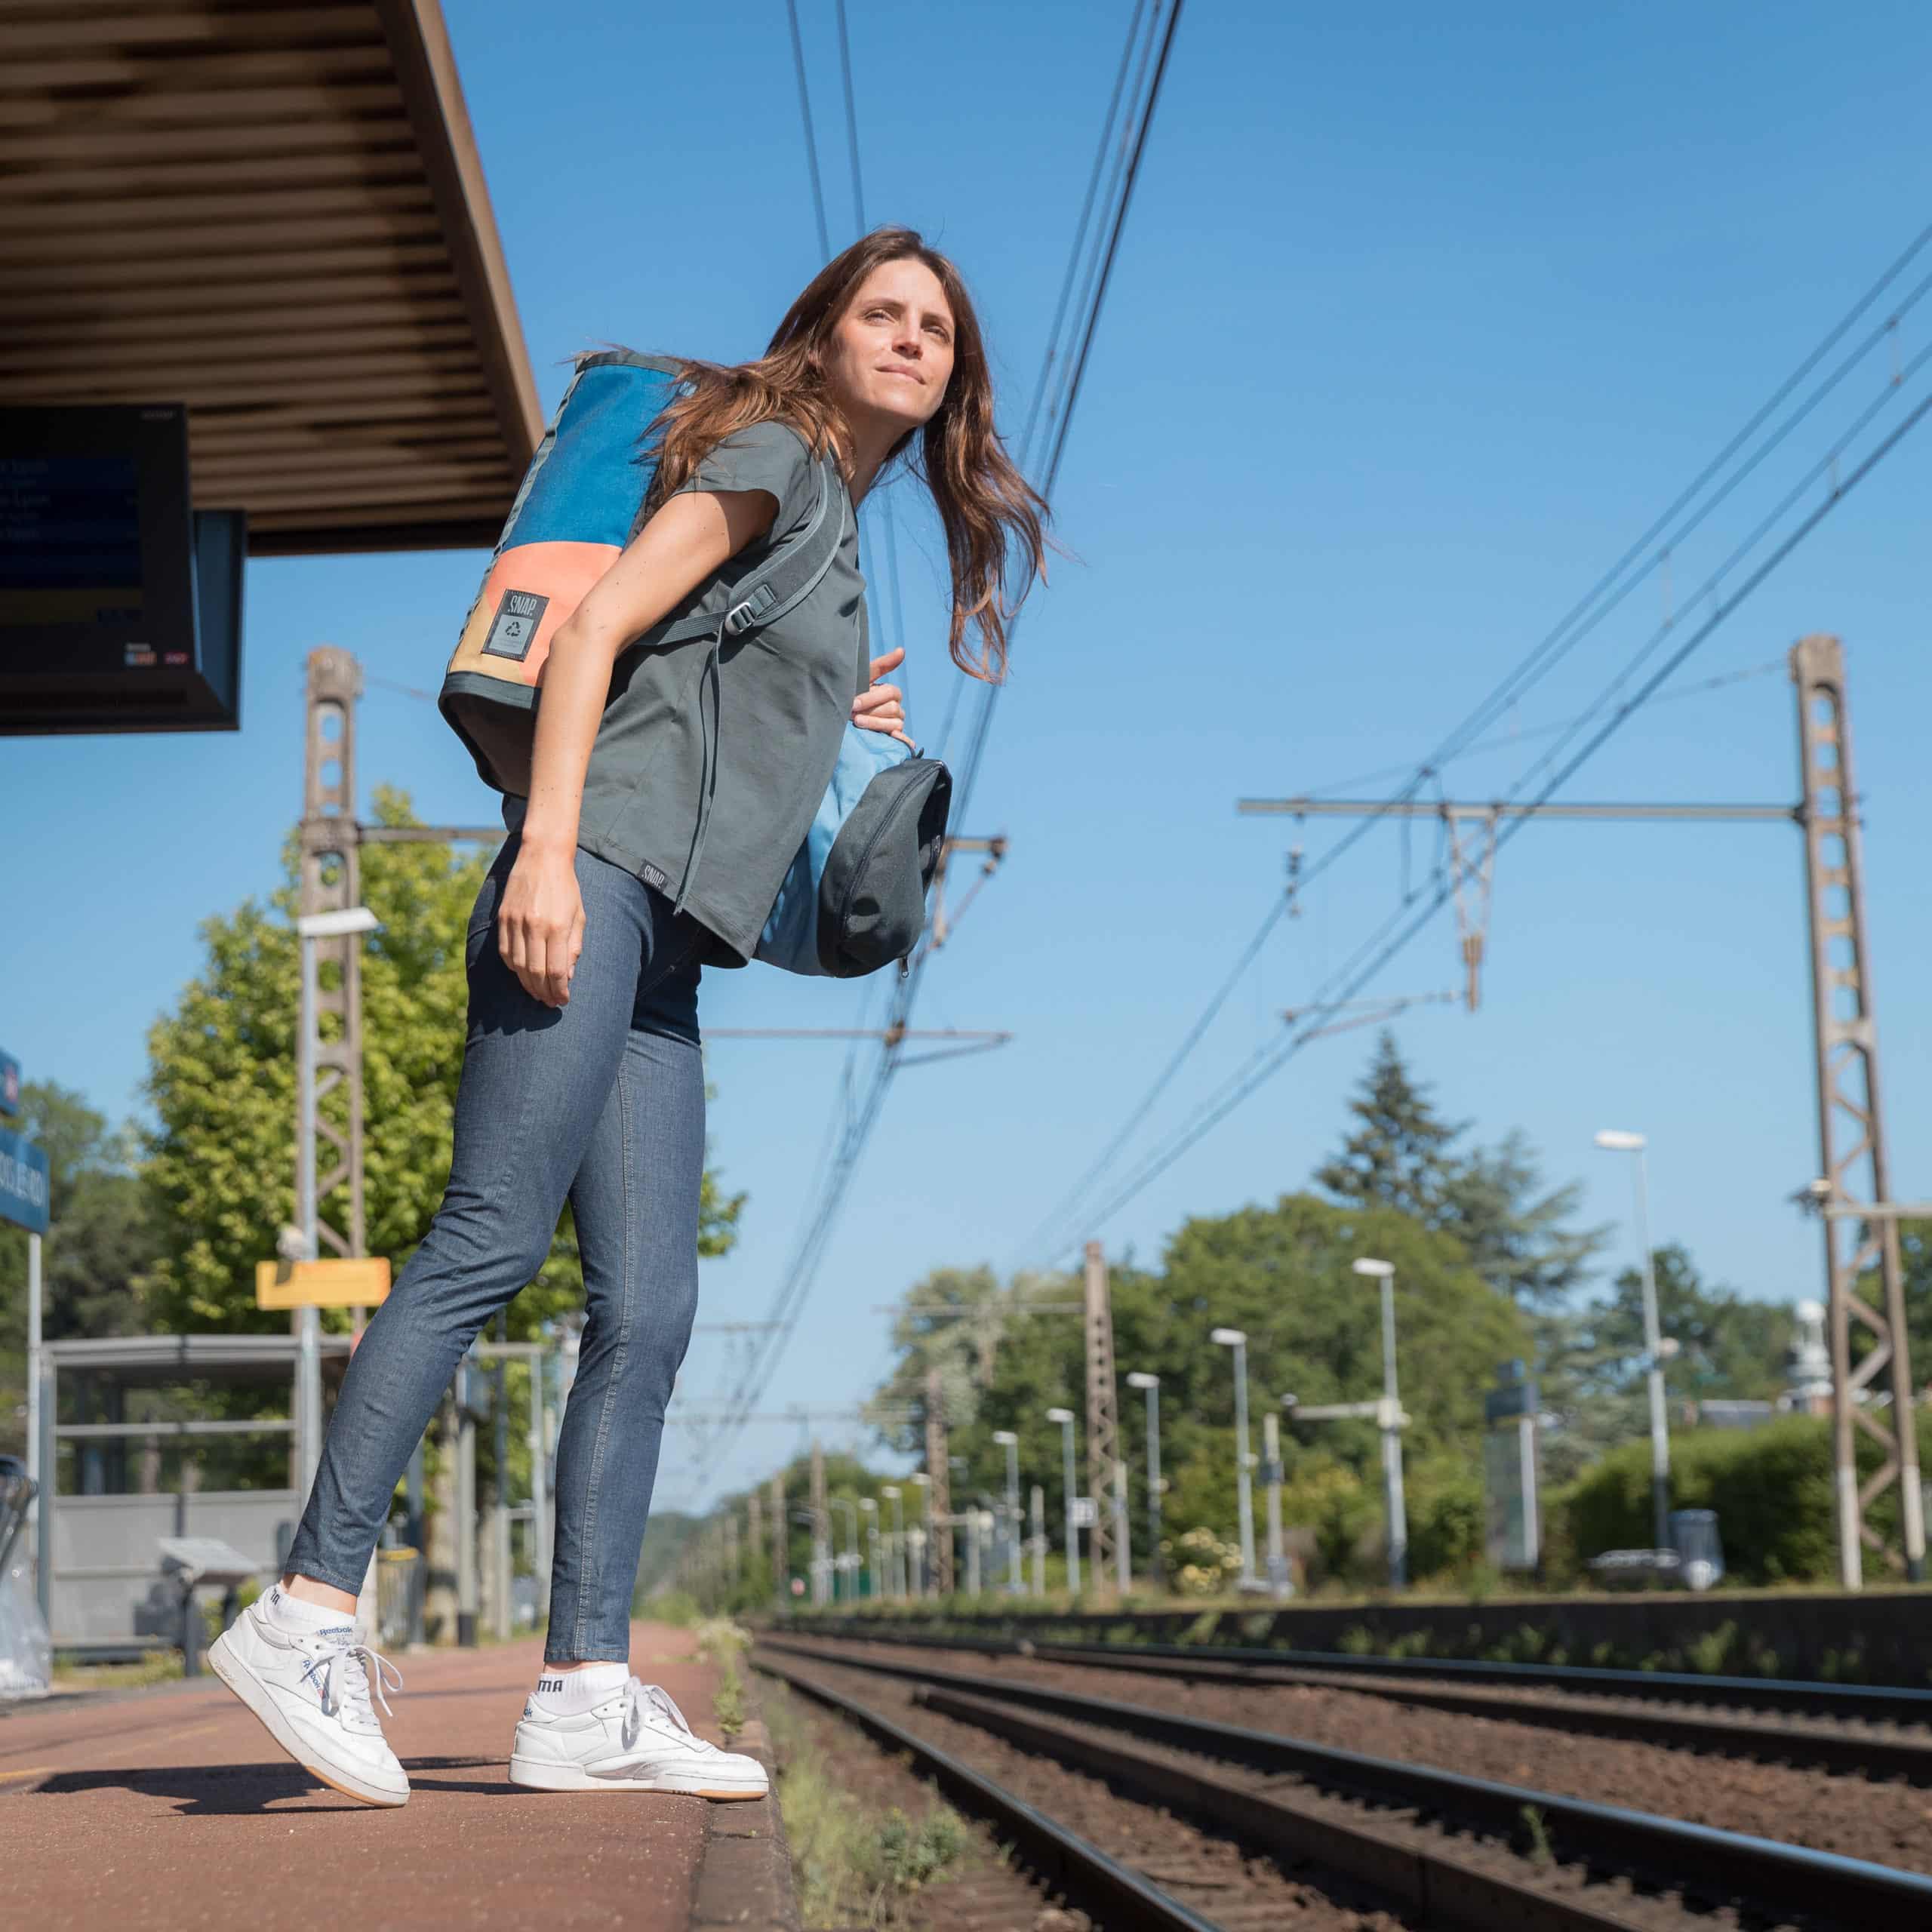 woman wearing a skinny jeans